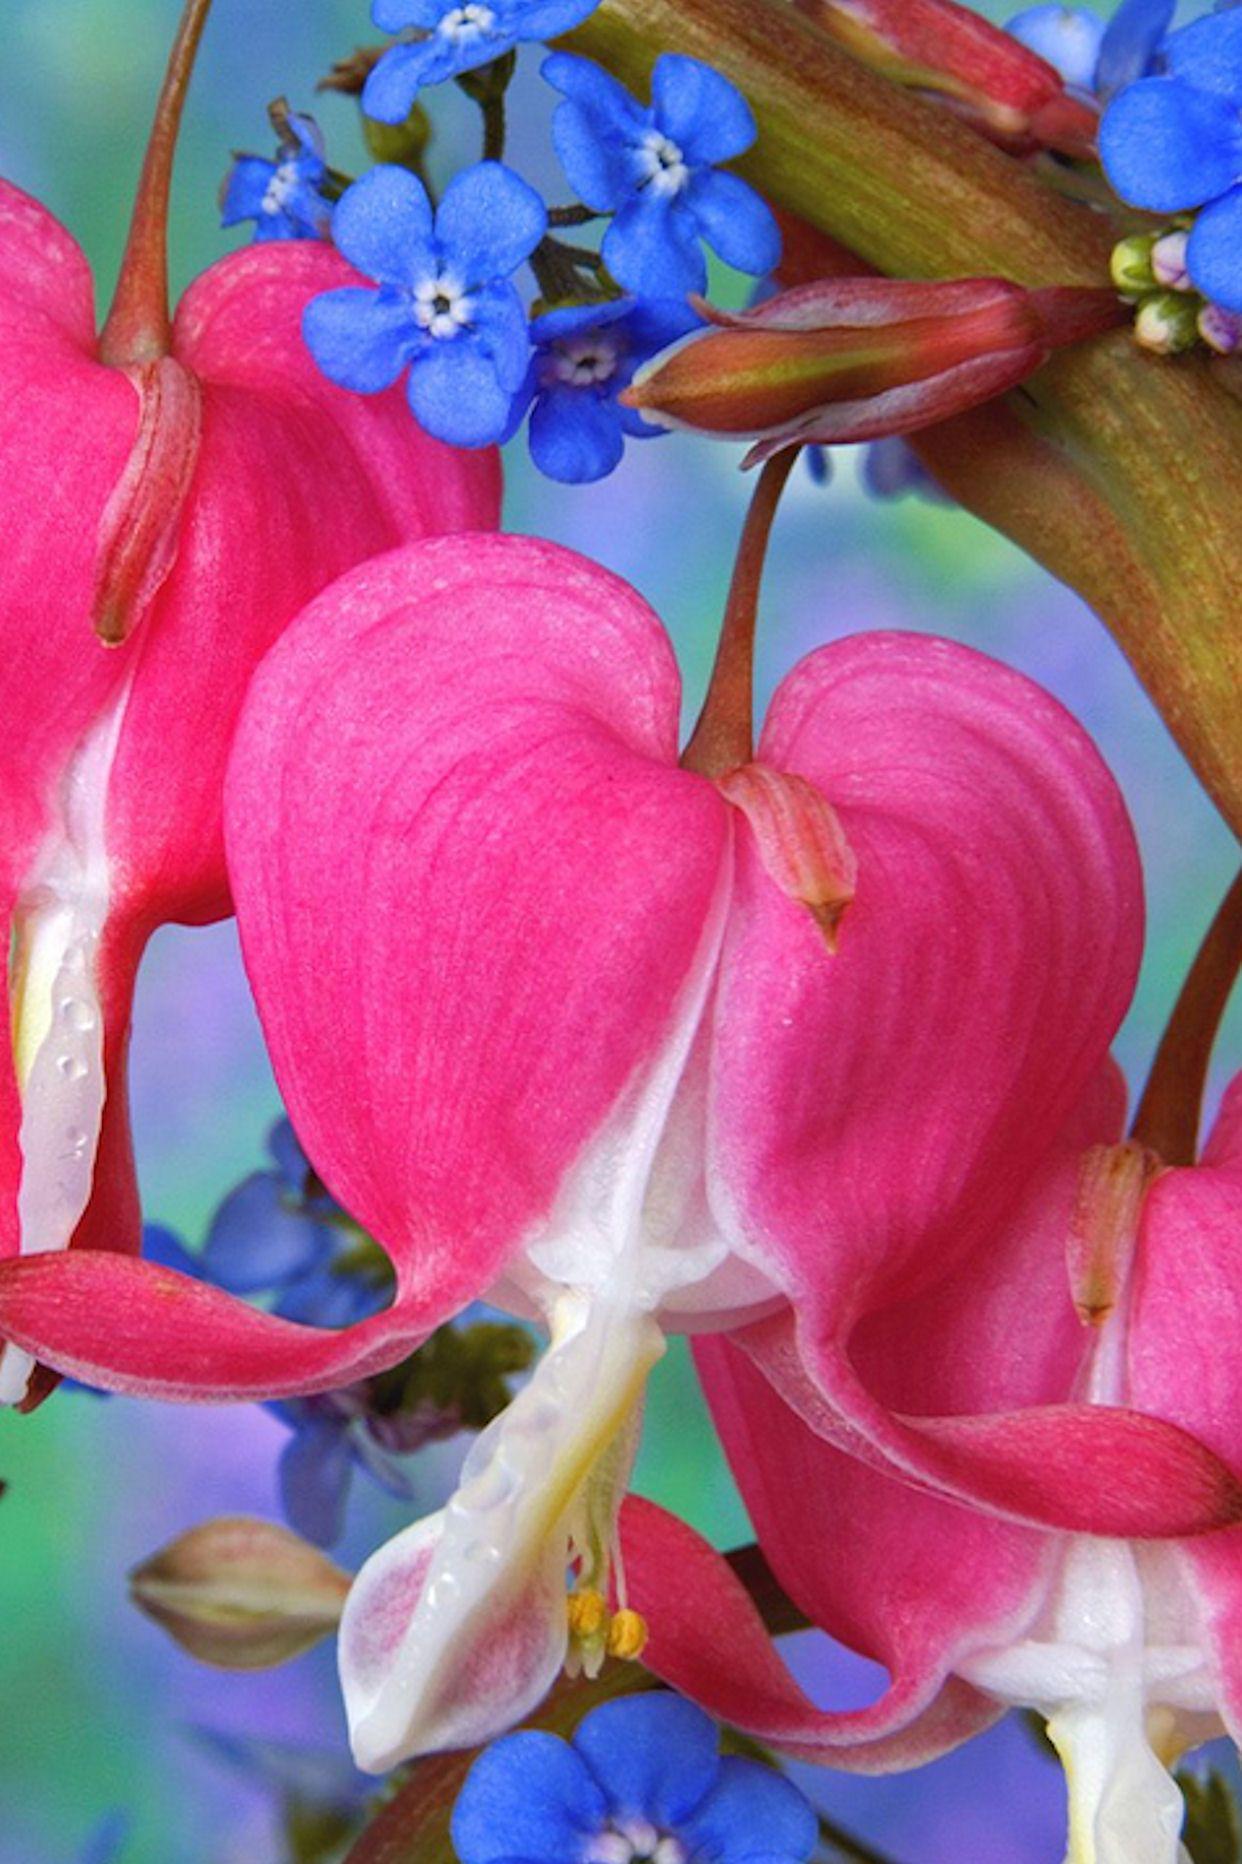 Bleeding Heart and Flowers, Flower